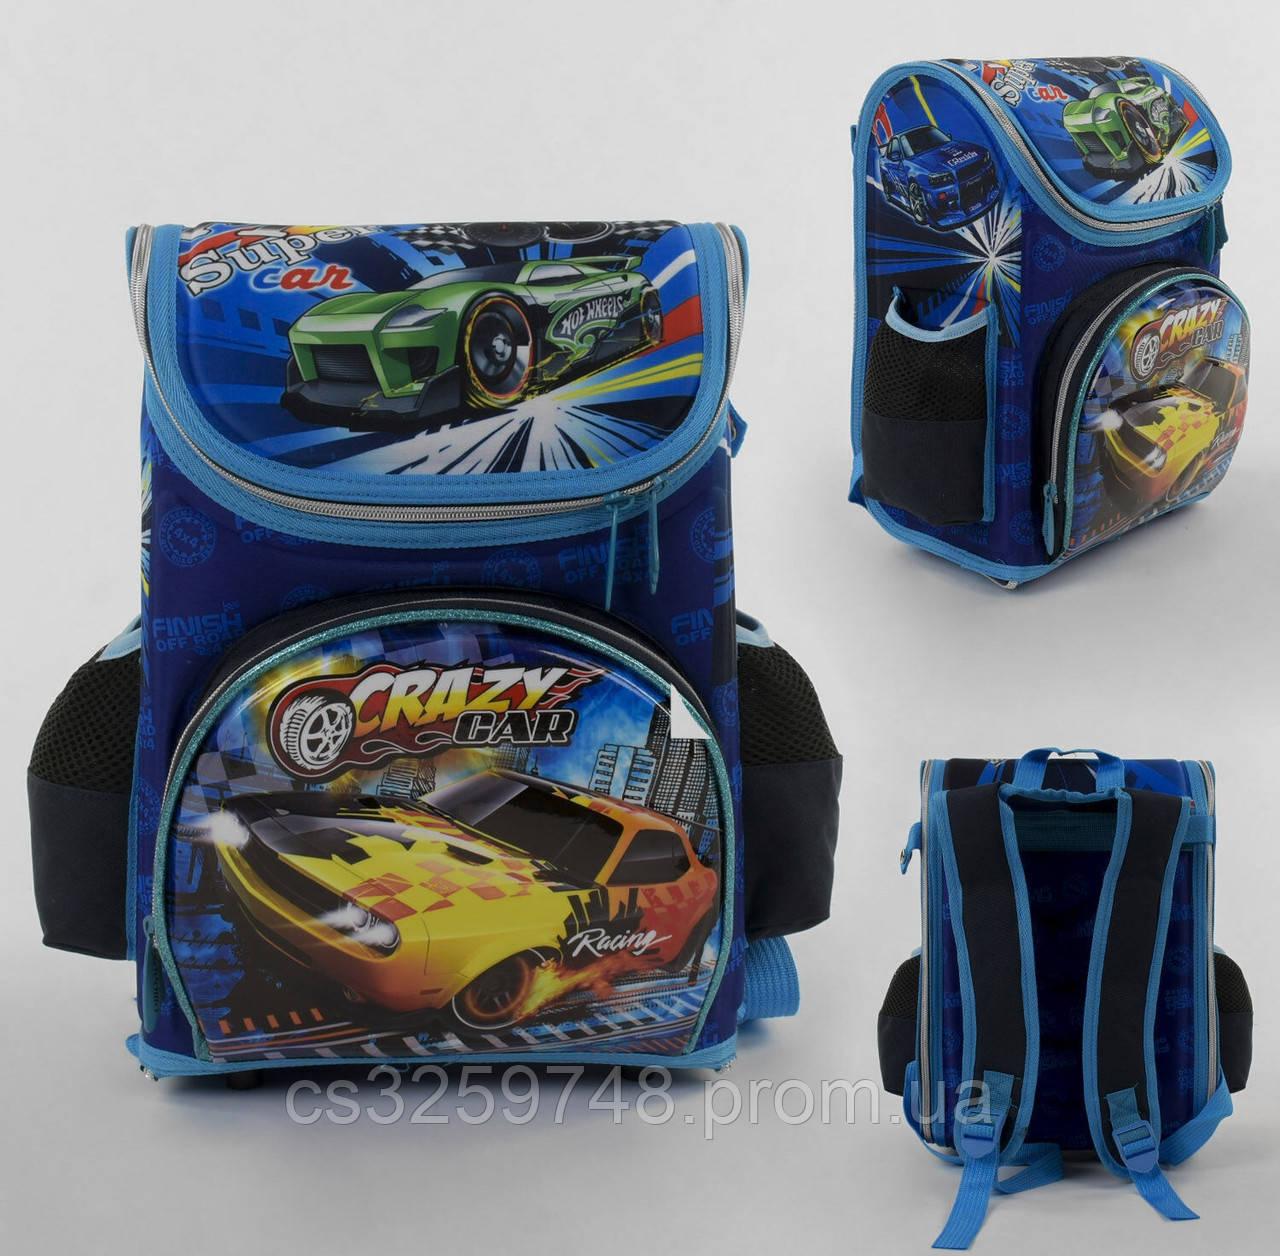 Рюкзак детский школьный каркасный С 43560 с 3D принтом, 3 карманами и ортопедической спинкой